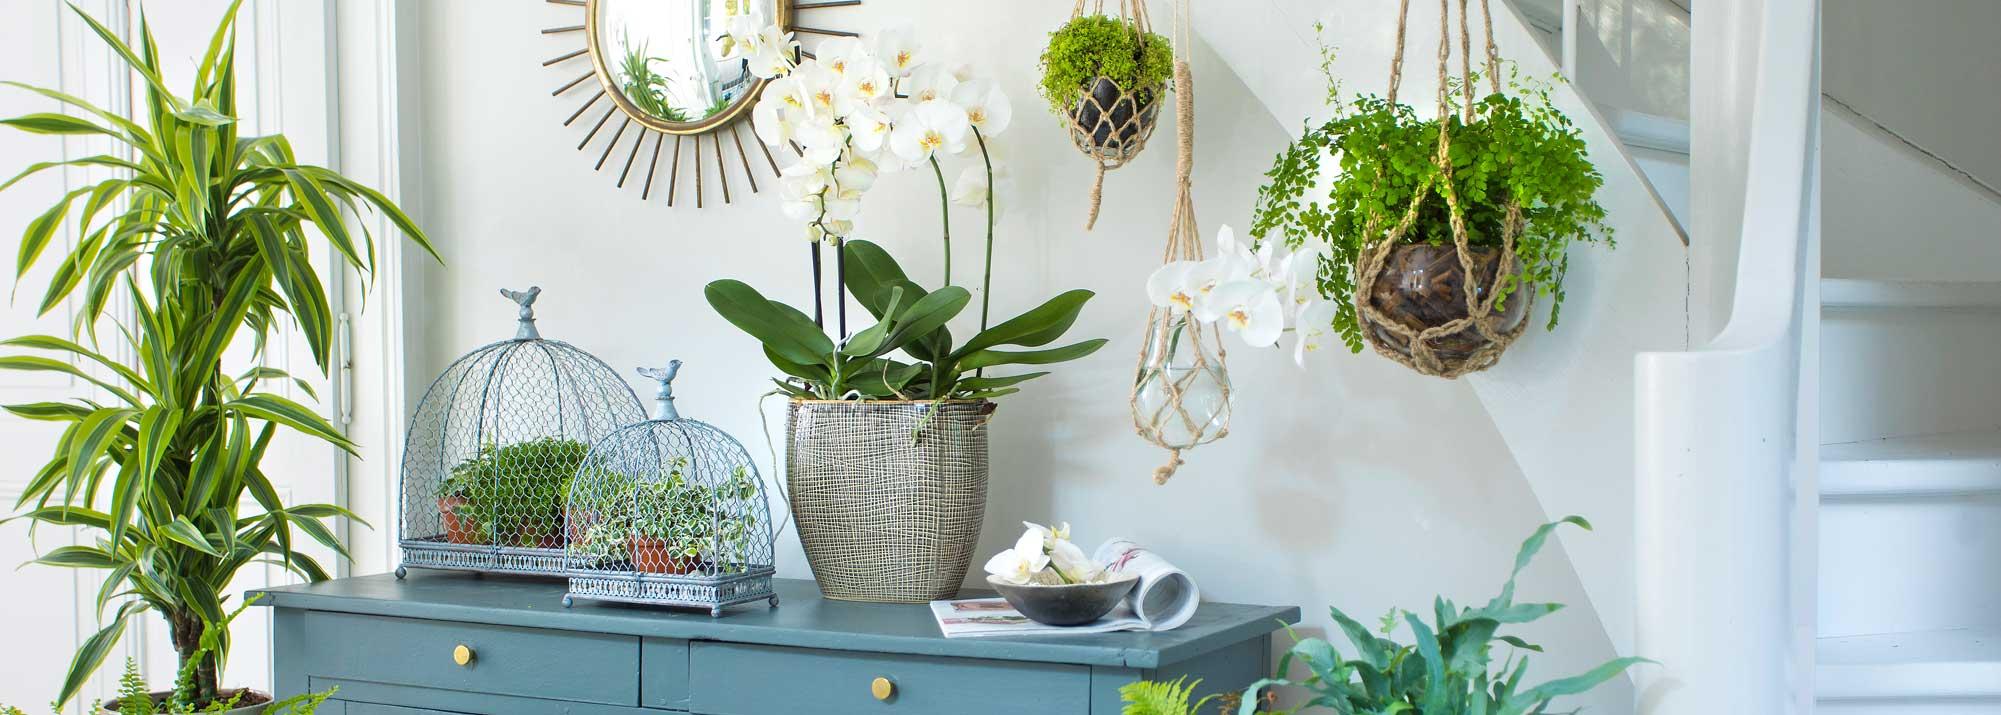 Petites Plantes Fleuries En Pot plantes et fleurs artificielles : décoration intérieure et